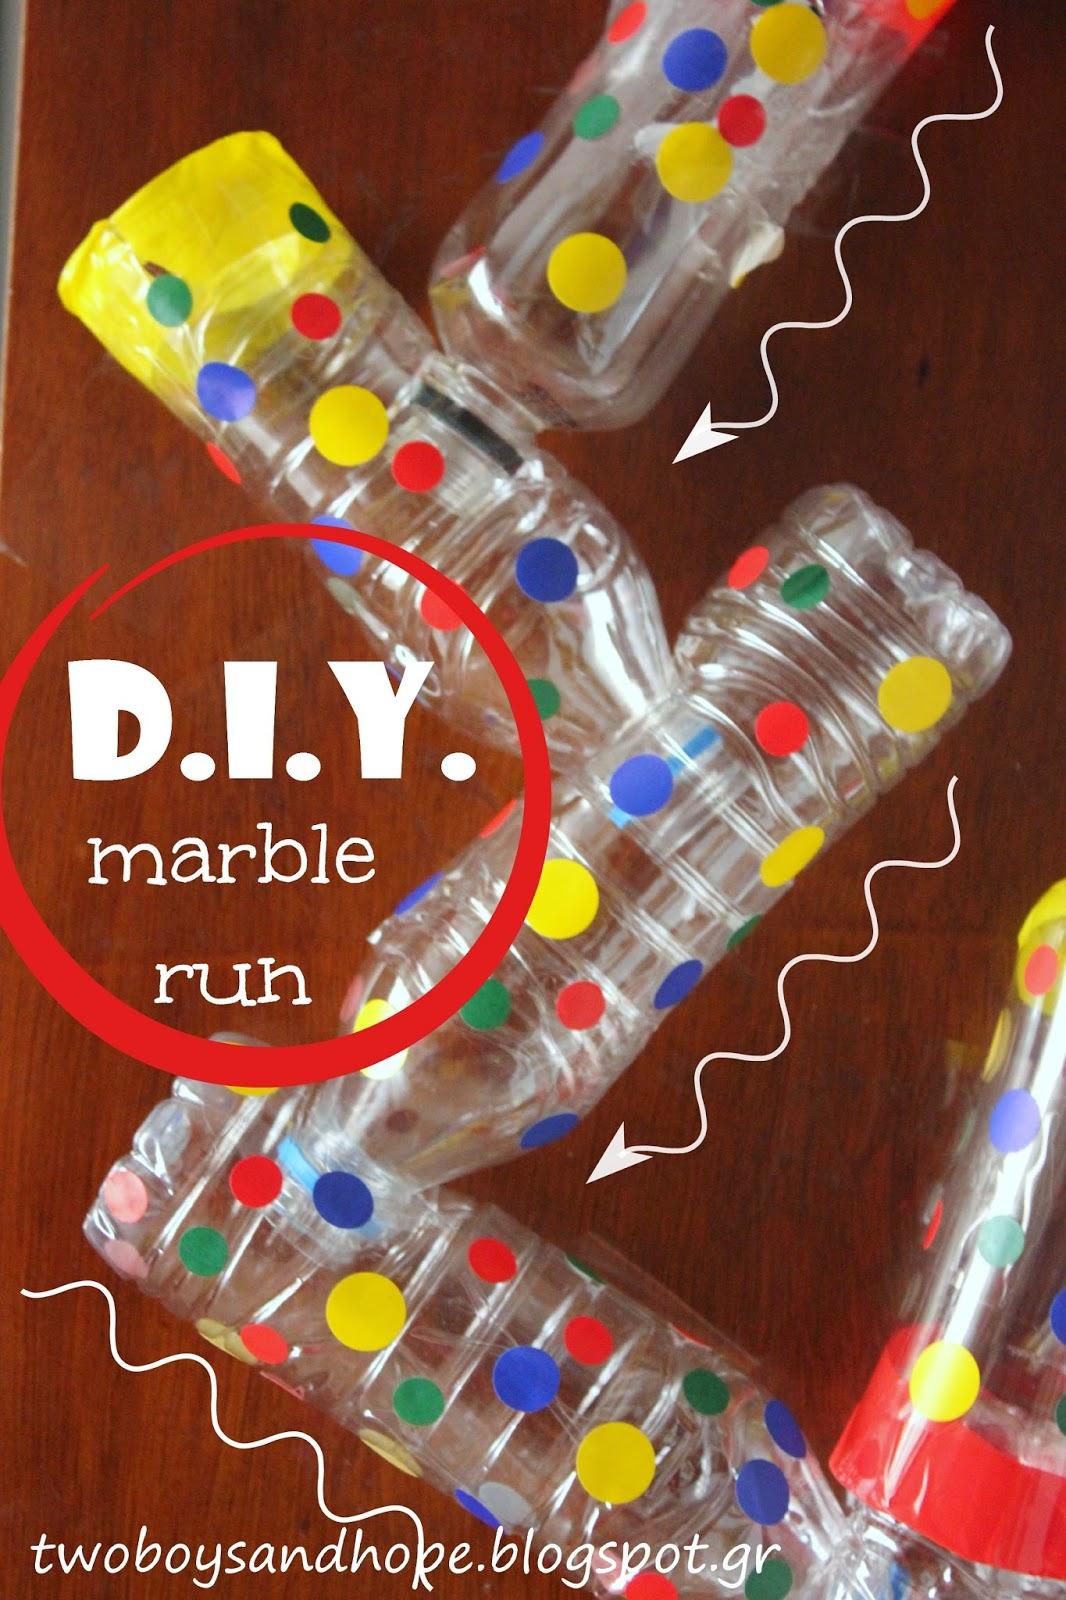 Παίζουμε ..με μπίλιες.. ή αλλιώς.. marble run..